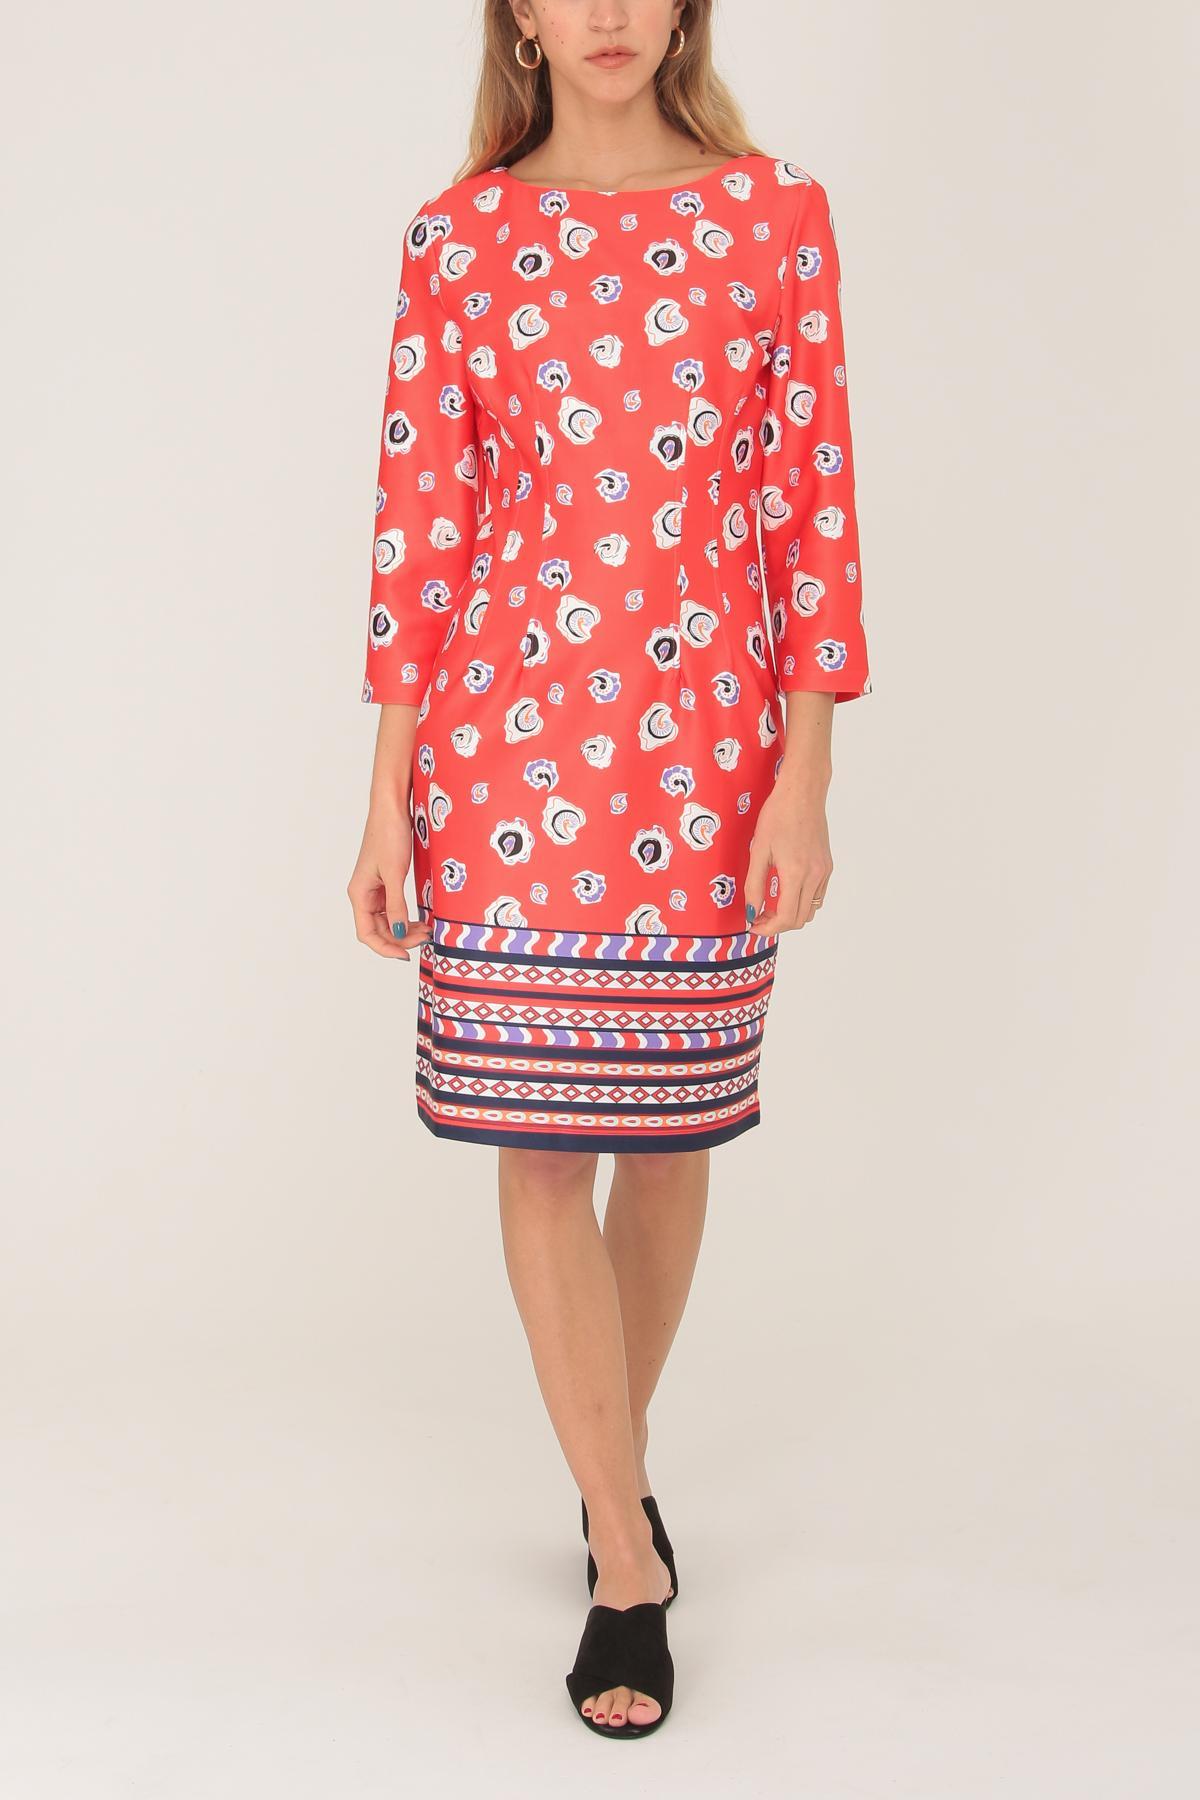 Robes mi-longues Femme Rouge For Her Paris (SHINIE) 1718 #c eFashion Paris